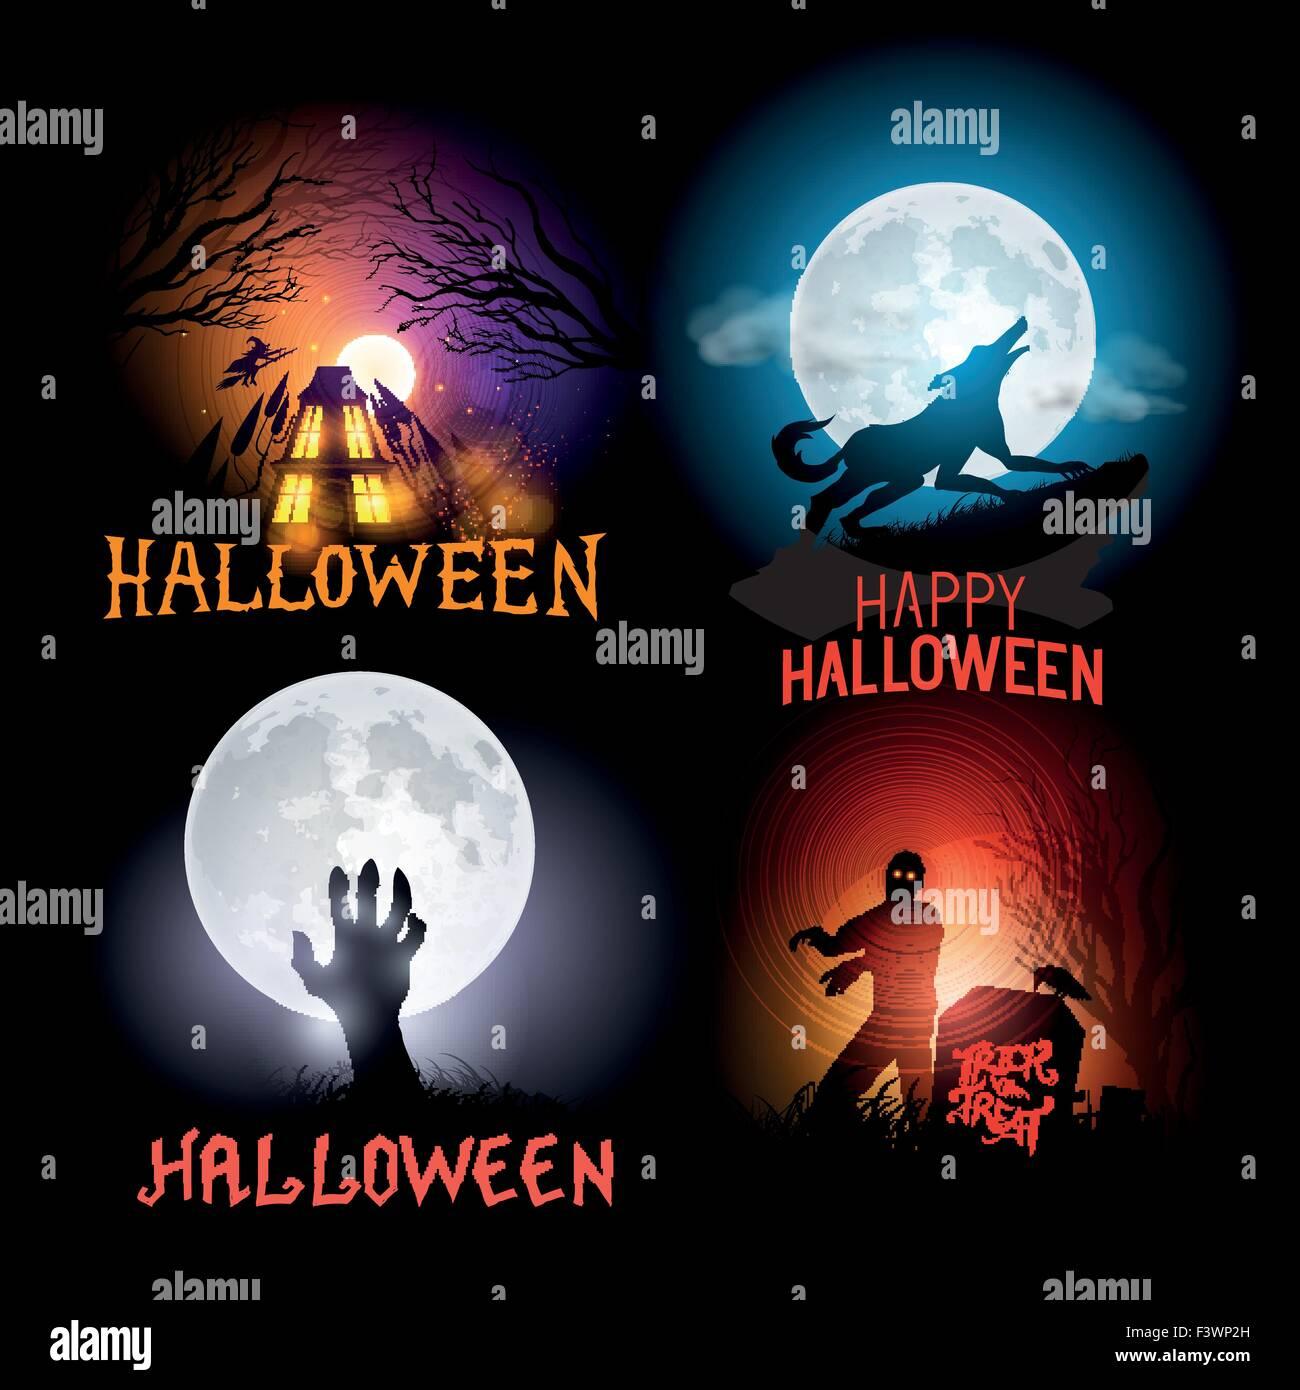 Halloween-Vektor-Hintergründe. Szenen enthalten ein Spukhaus, ein Werwolf und Zombies. Vektor-Illustration. Stockbild